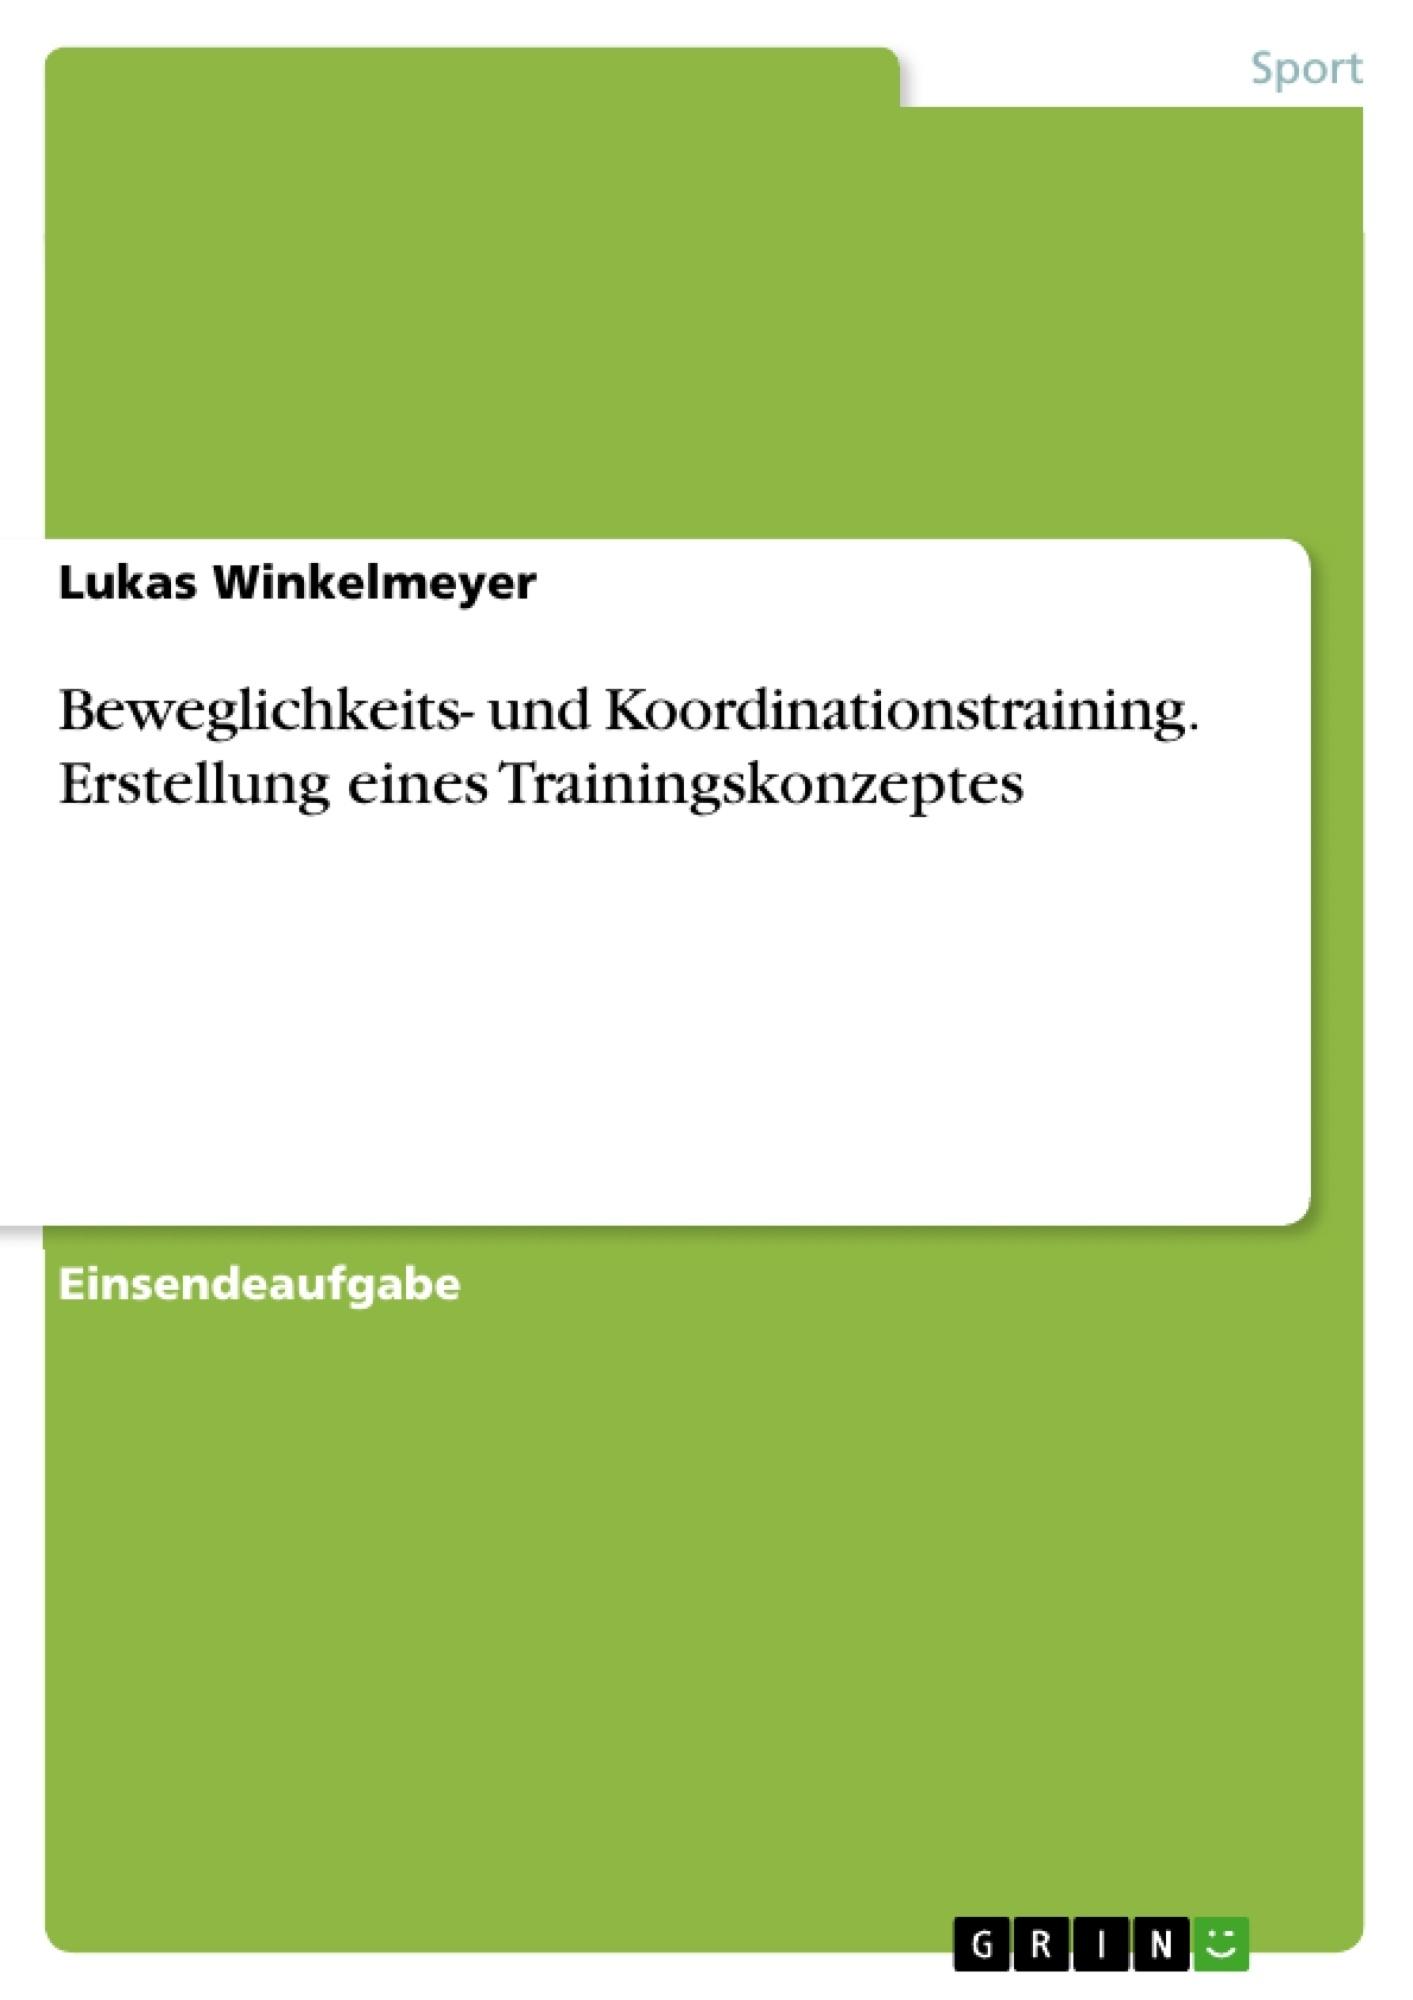 Titel: Beweglichkeits- und Koordinationstraining. Erstellung eines Trainingskonzeptes